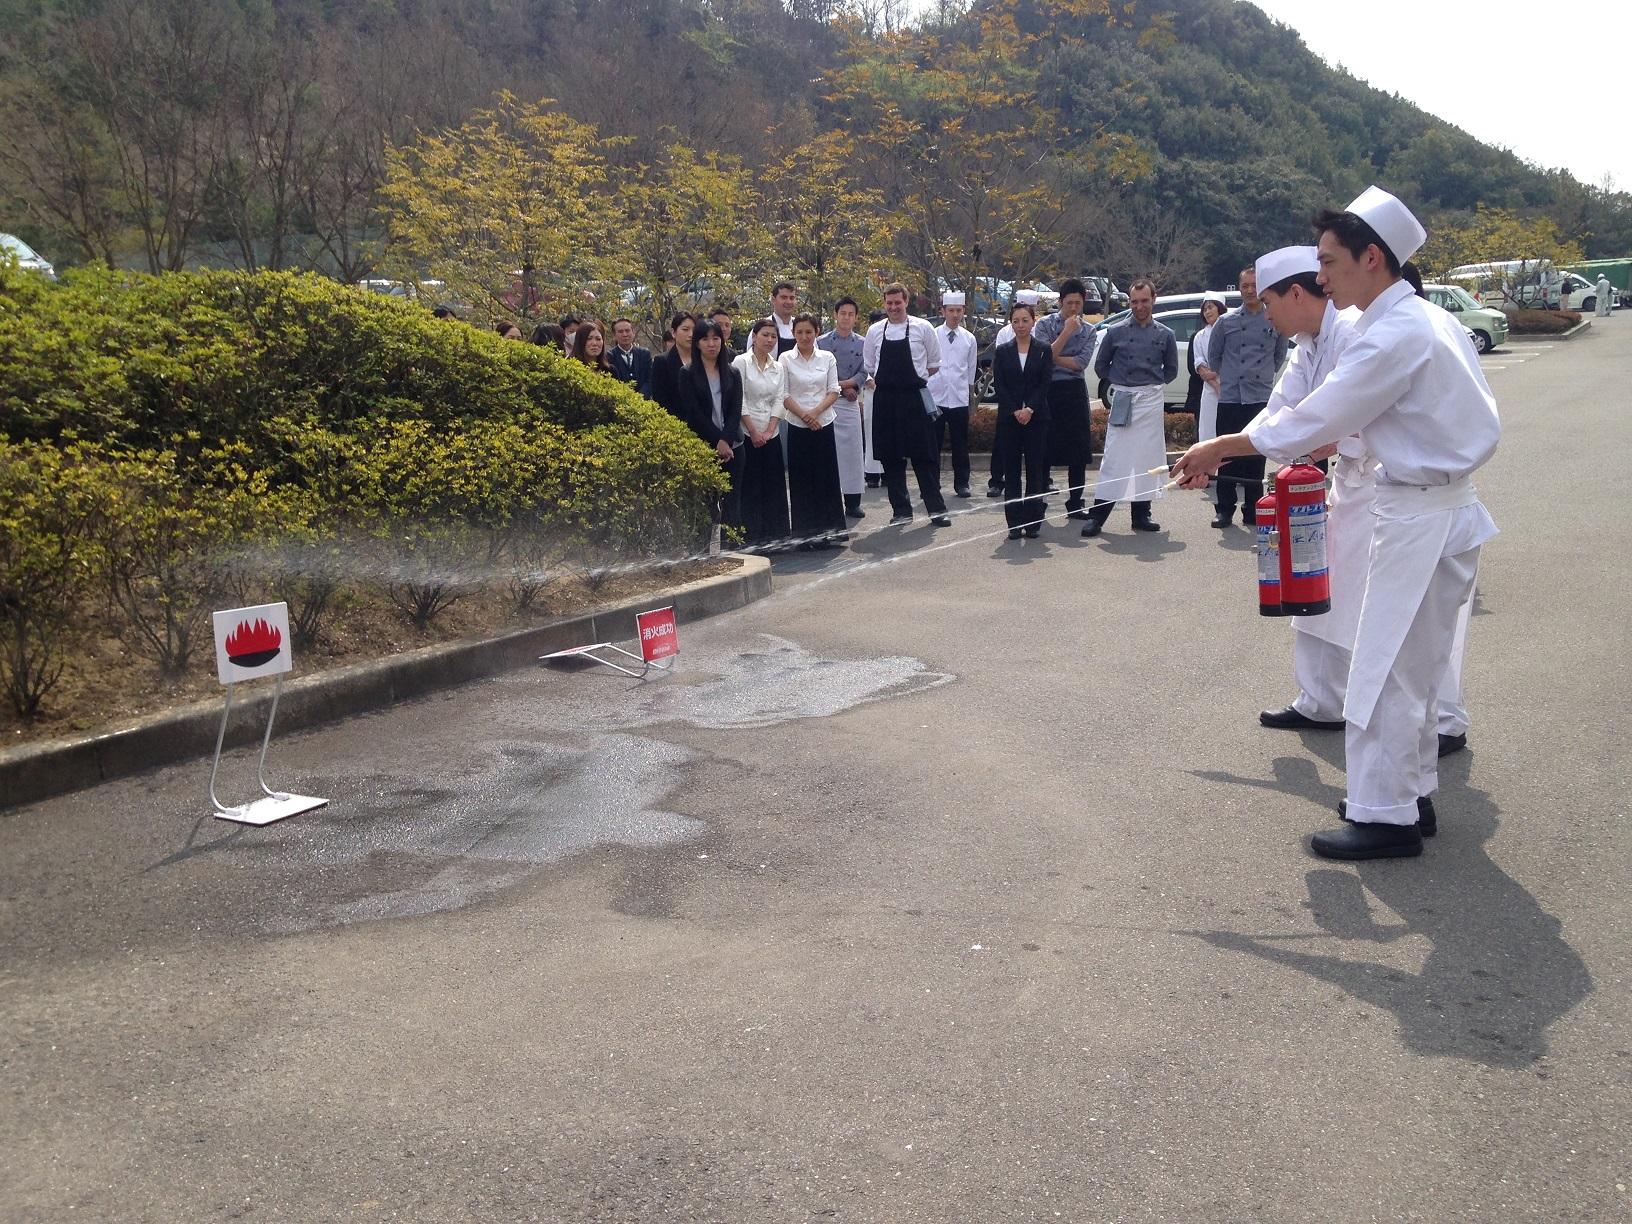 お客さまと社員を守る消防訓練を各施設で実施~ツネイシLR~